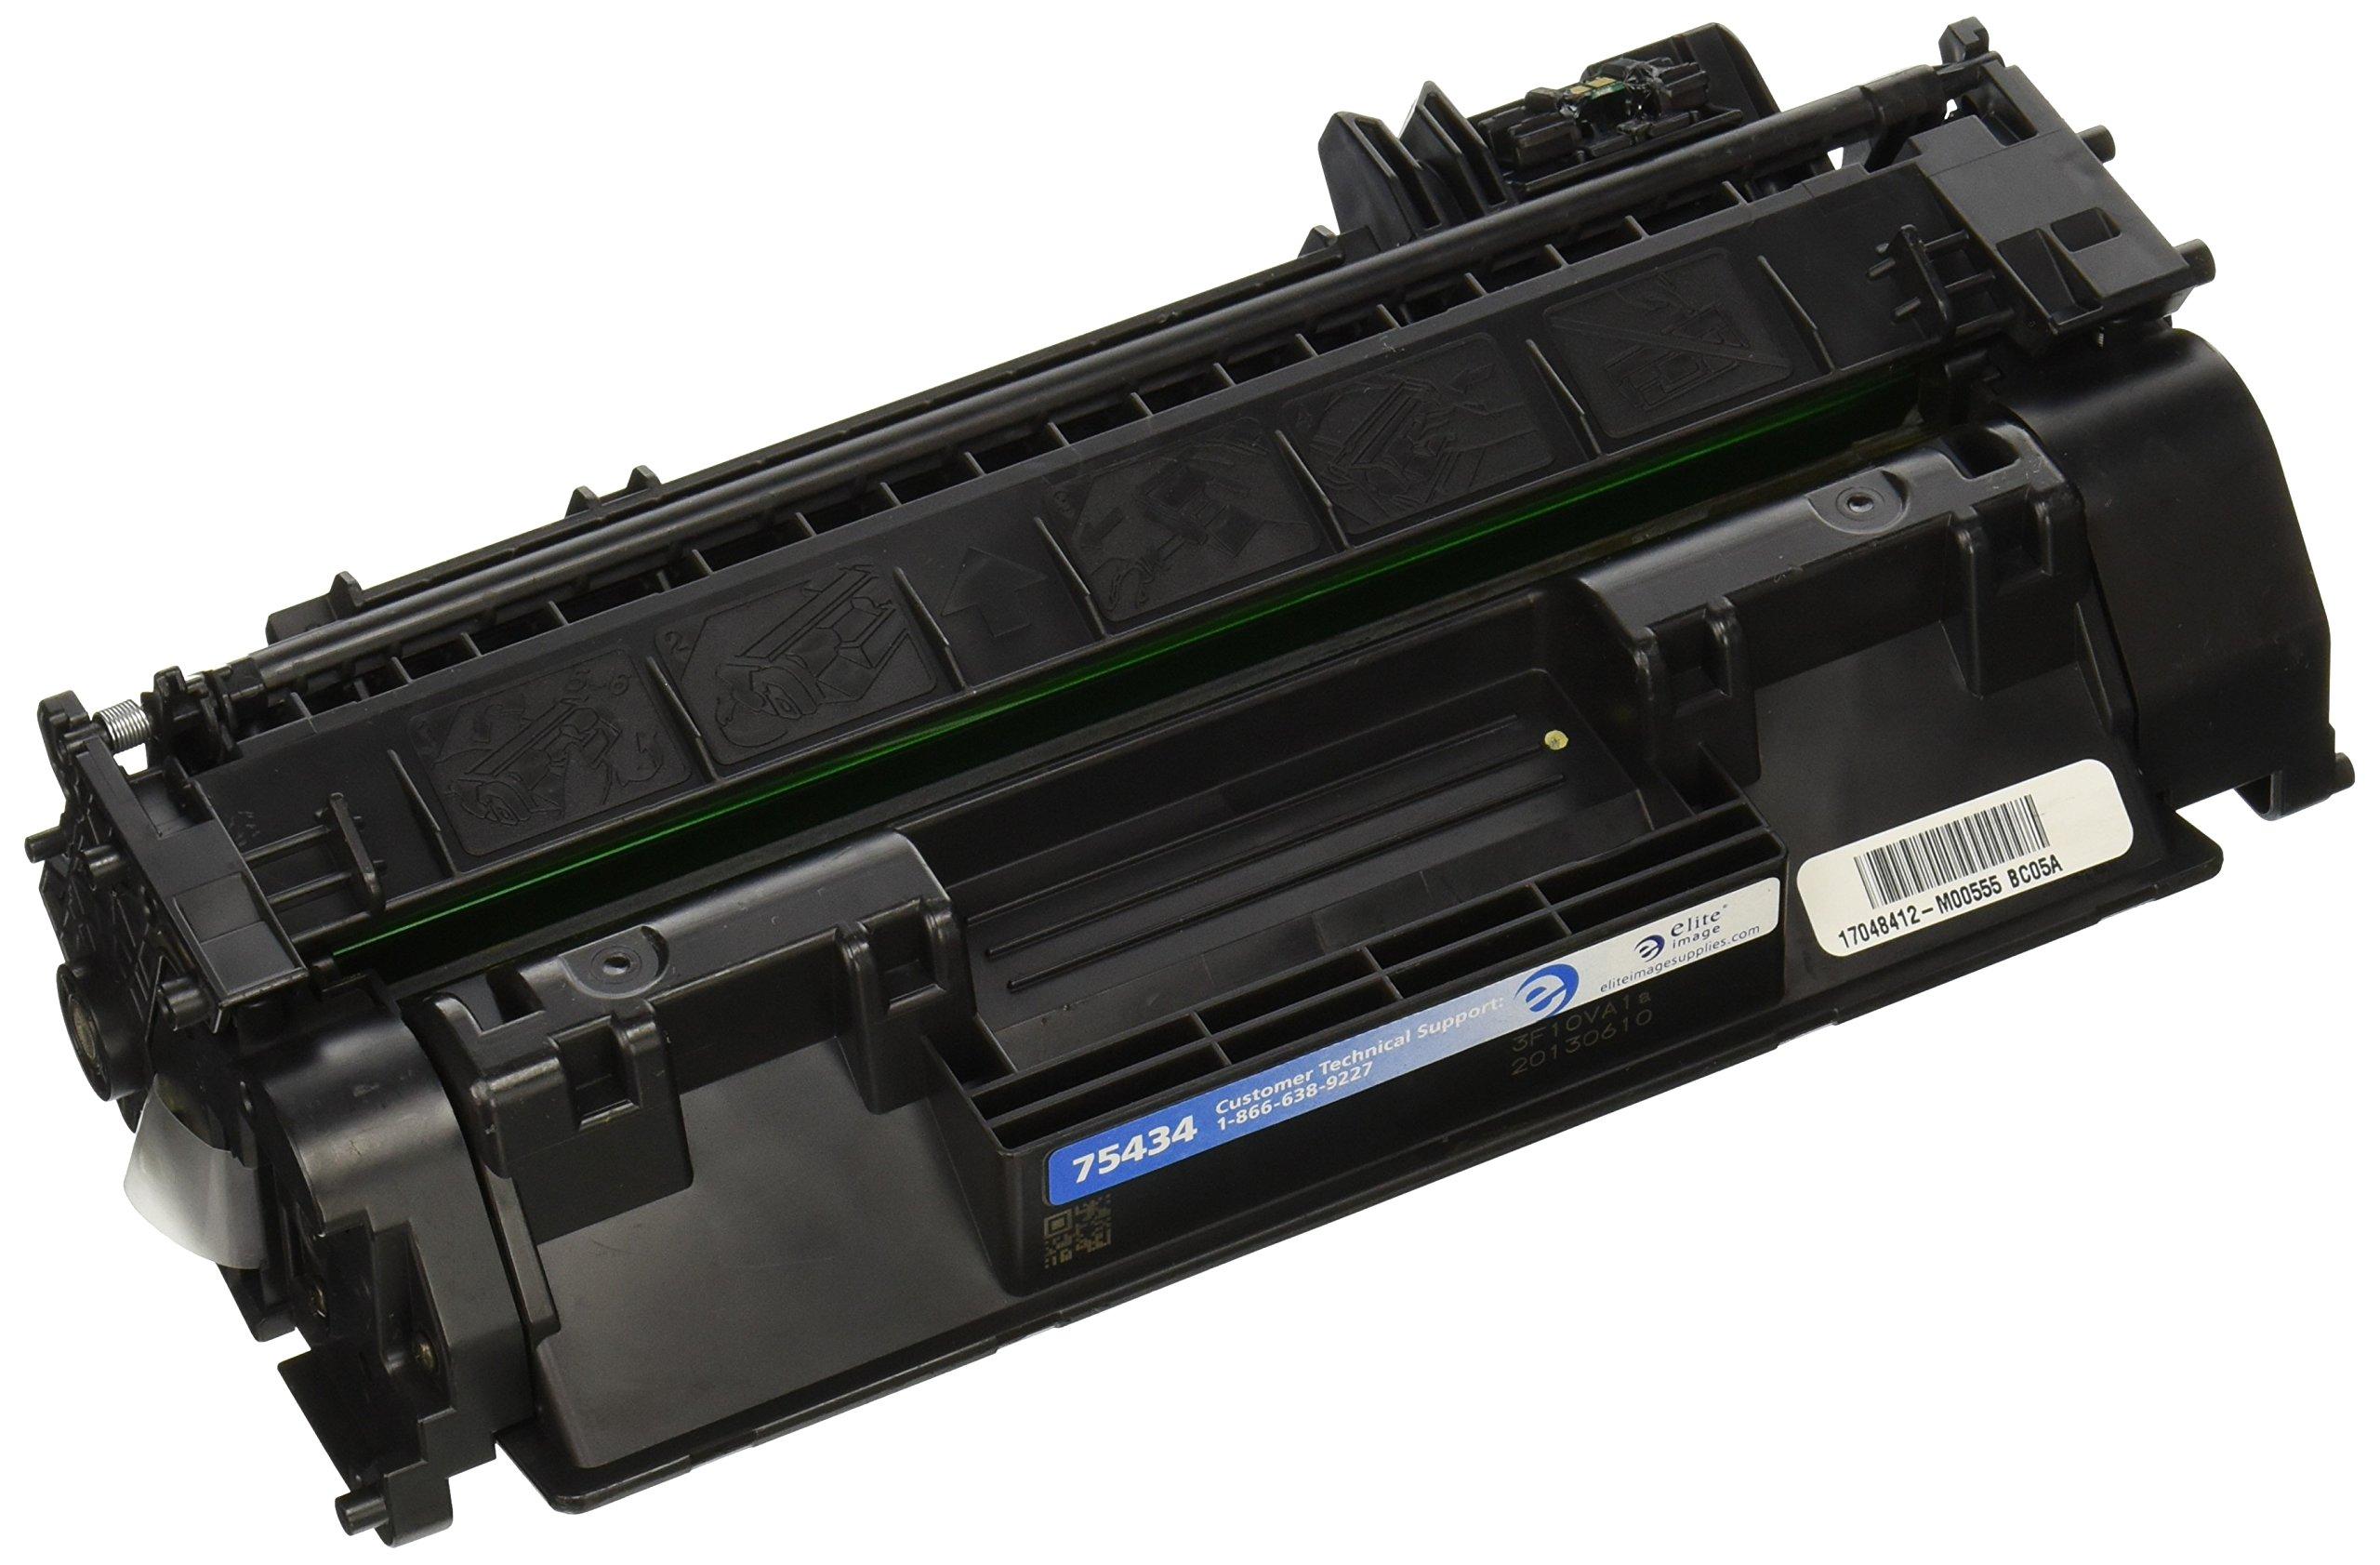 Elite Image ELI75434 Compatible Toner Replaces HP CE505A (05A), Black by Elite Image (Image #1)